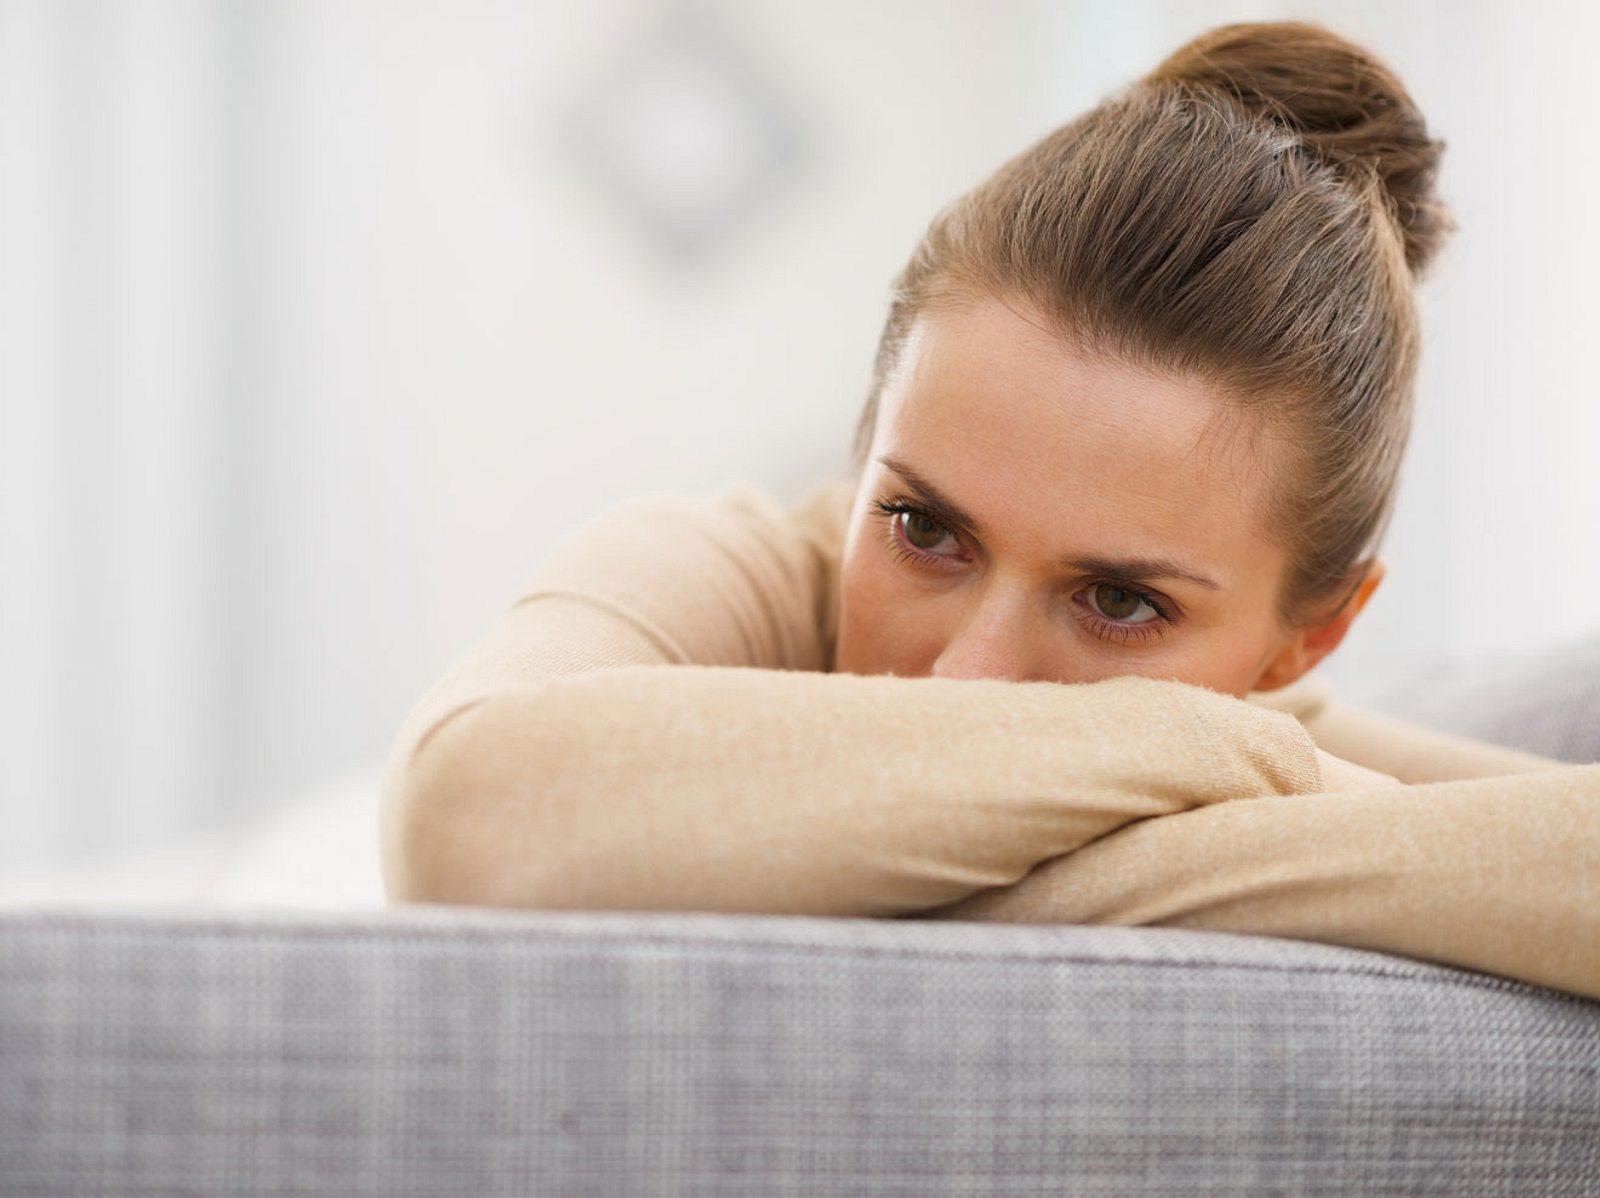 Gefühlskalt männer so sind warum immer Warum sind